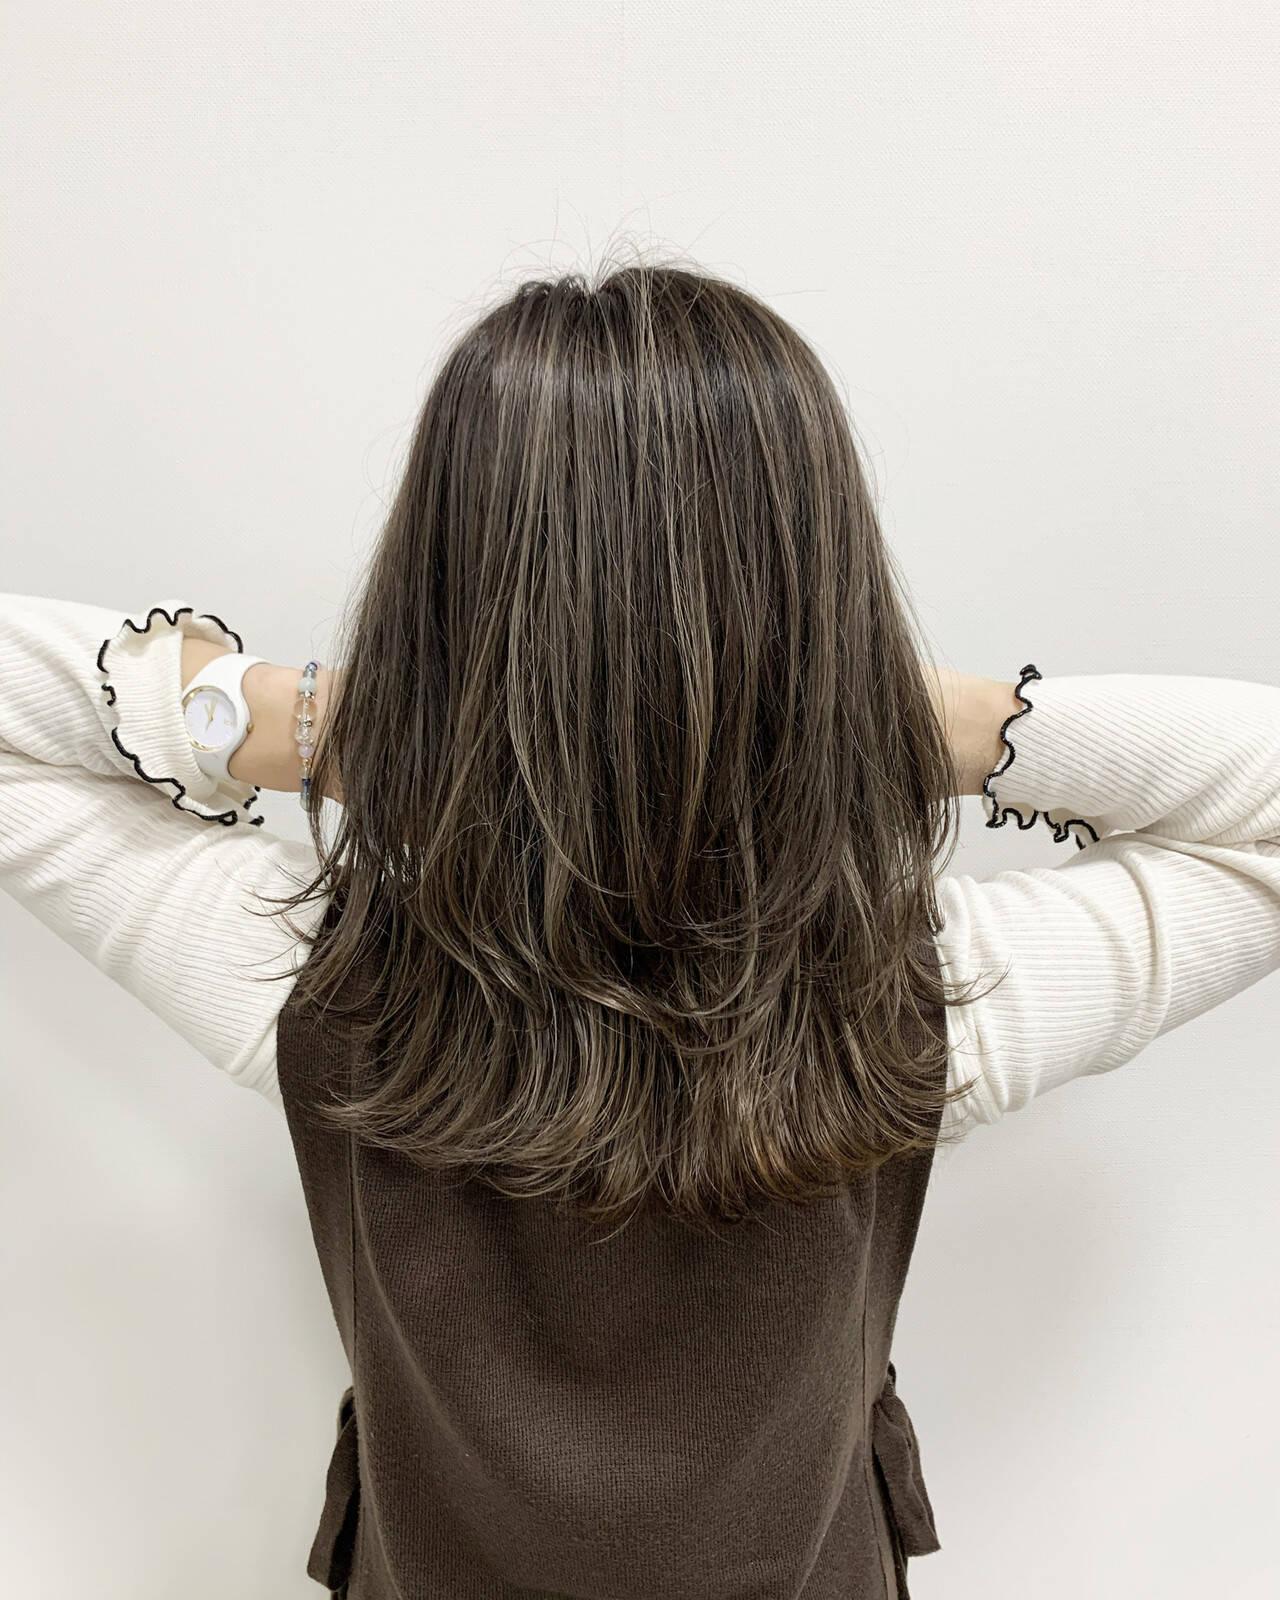 ミディアム ハイライト ヘアカラー 大人ハイライトヘアスタイルや髪型の写真・画像